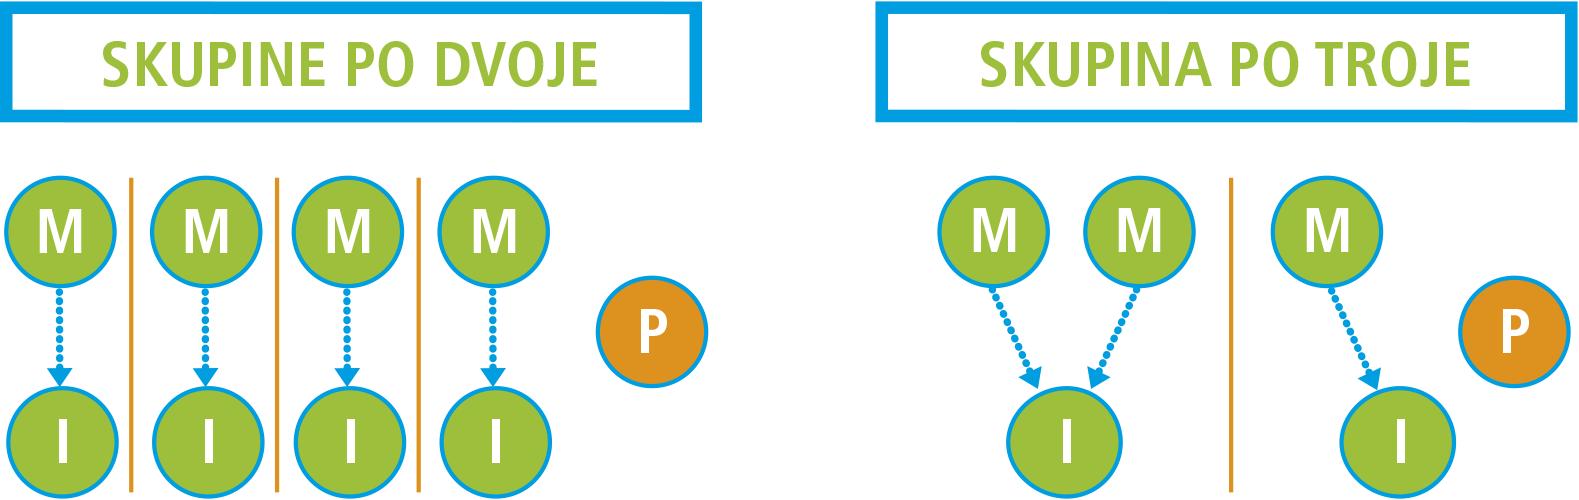 skupine od 4 dijagrama